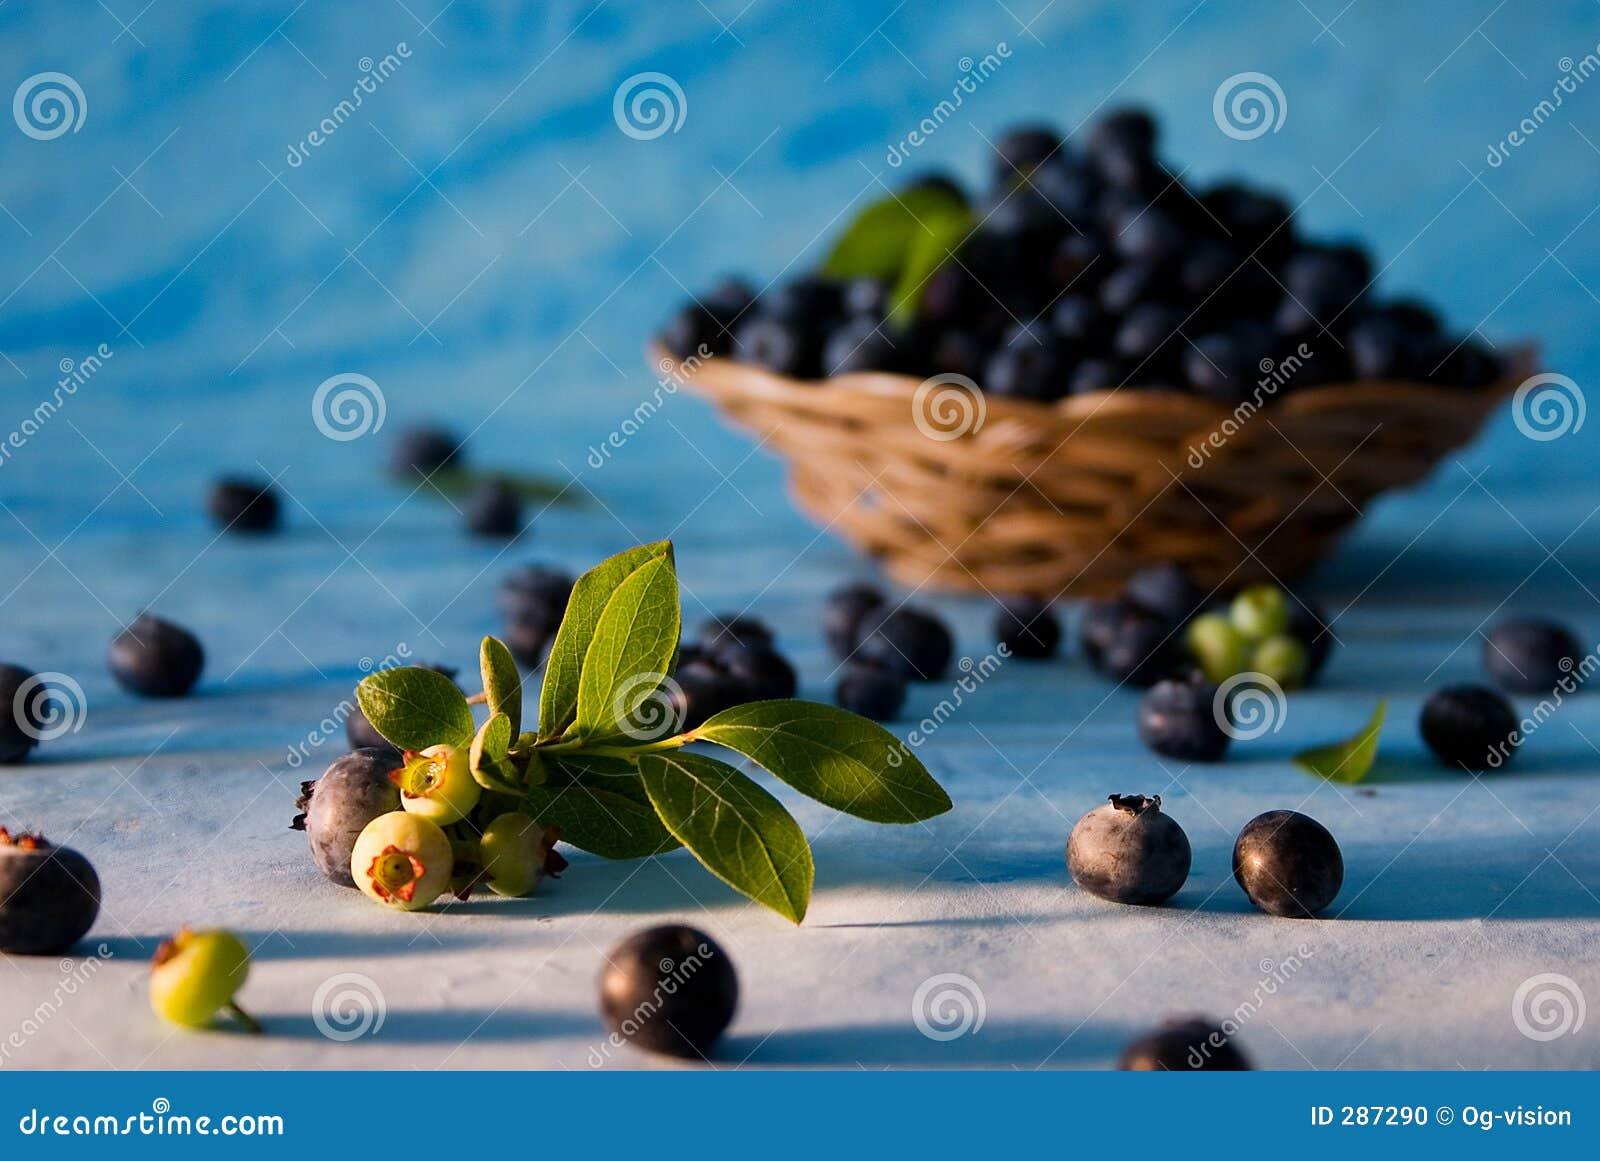 Spridda bluberries